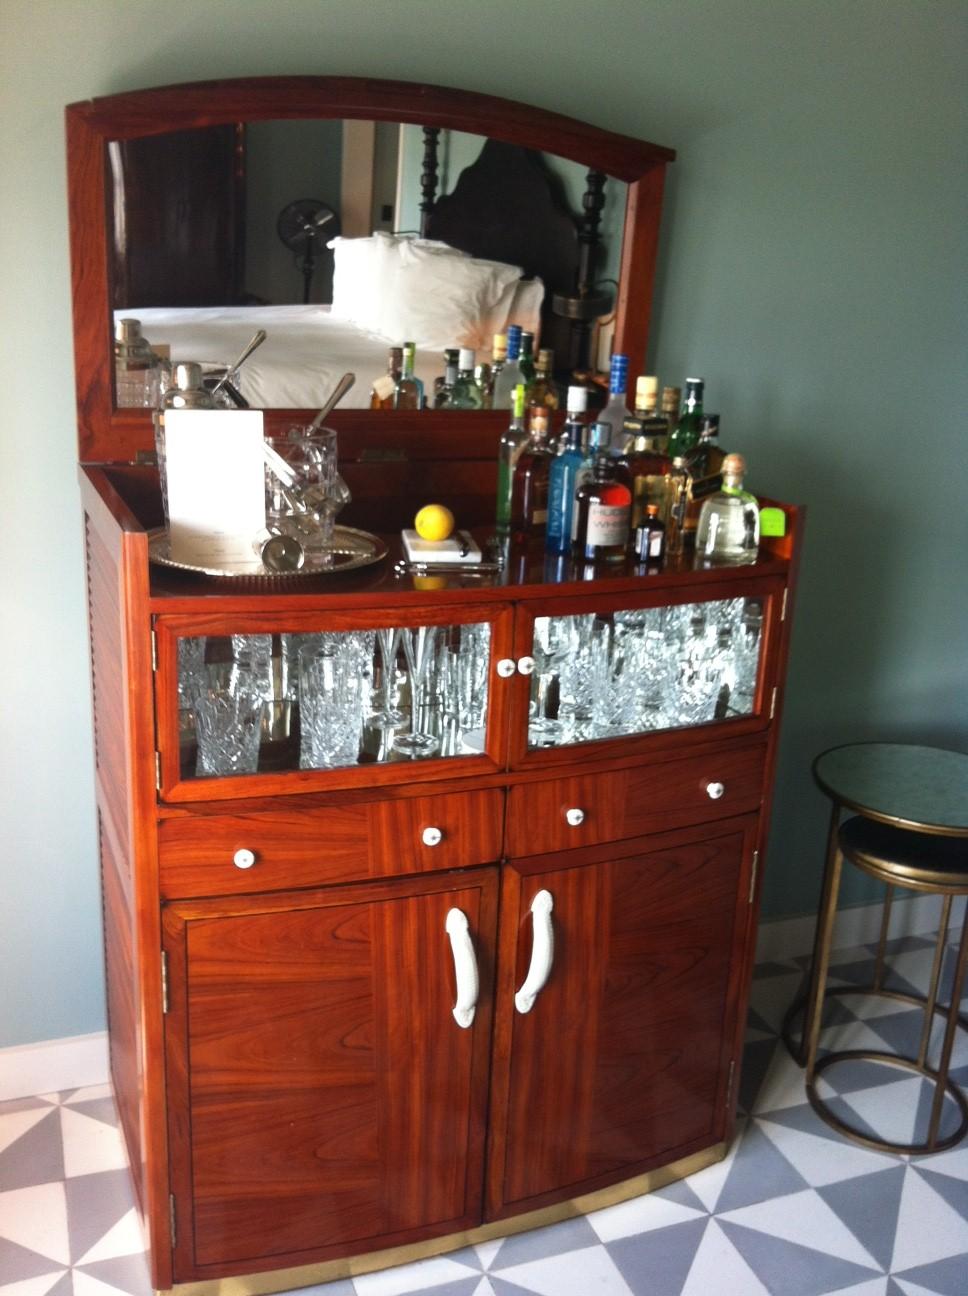 soho beach house hotel descolado em miami beach miami. Black Bedroom Furniture Sets. Home Design Ideas